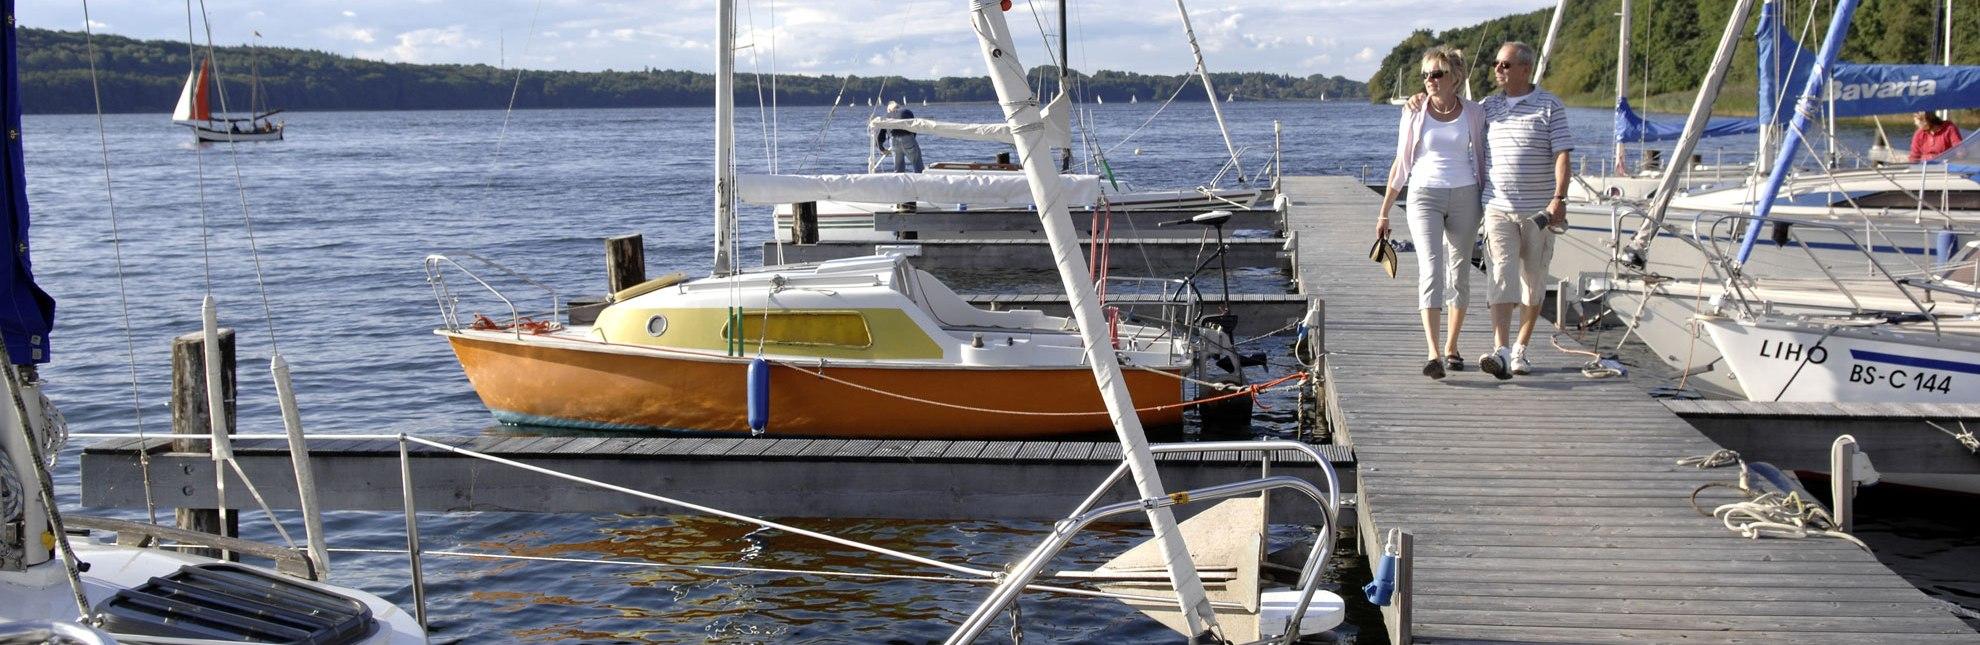 Flanieren zwischen Segelbooten am Ratzeburger See, © photocompany GmbH